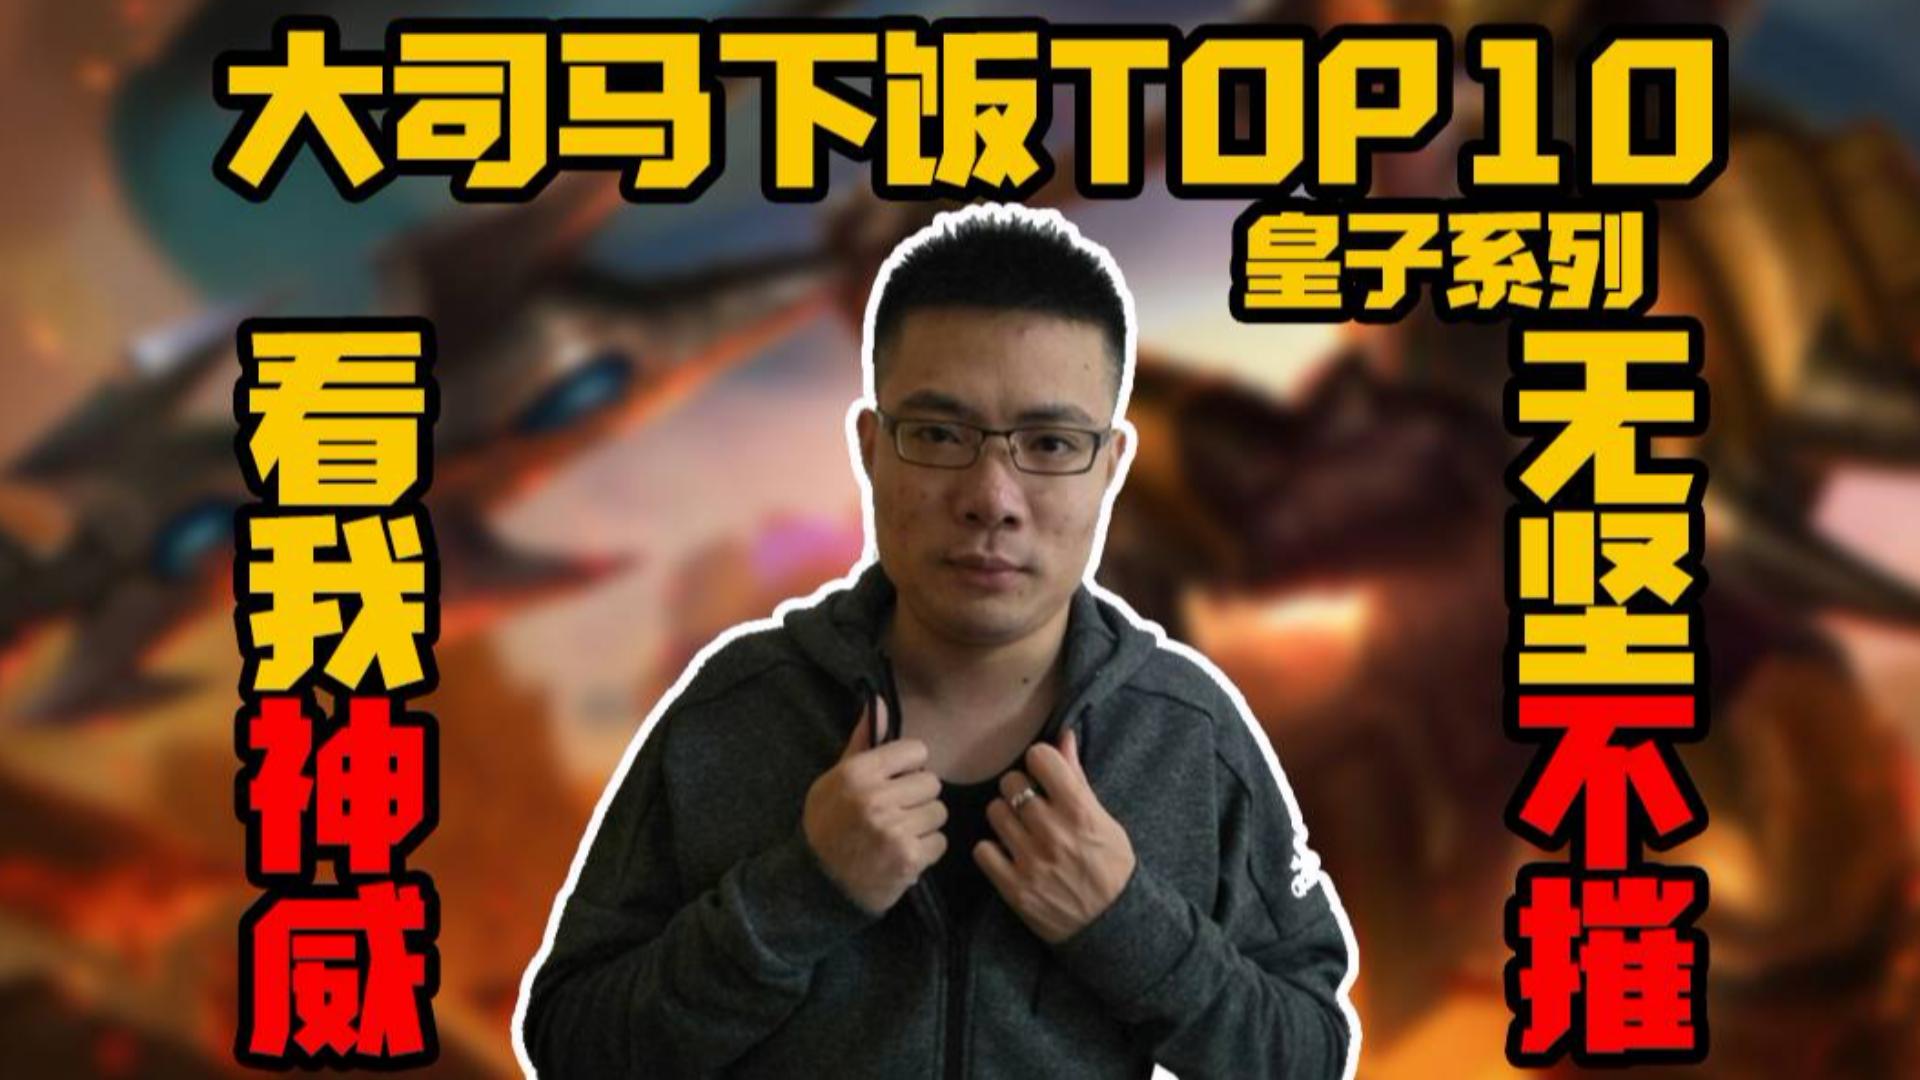 大司马:暴躁文下饭TOP10